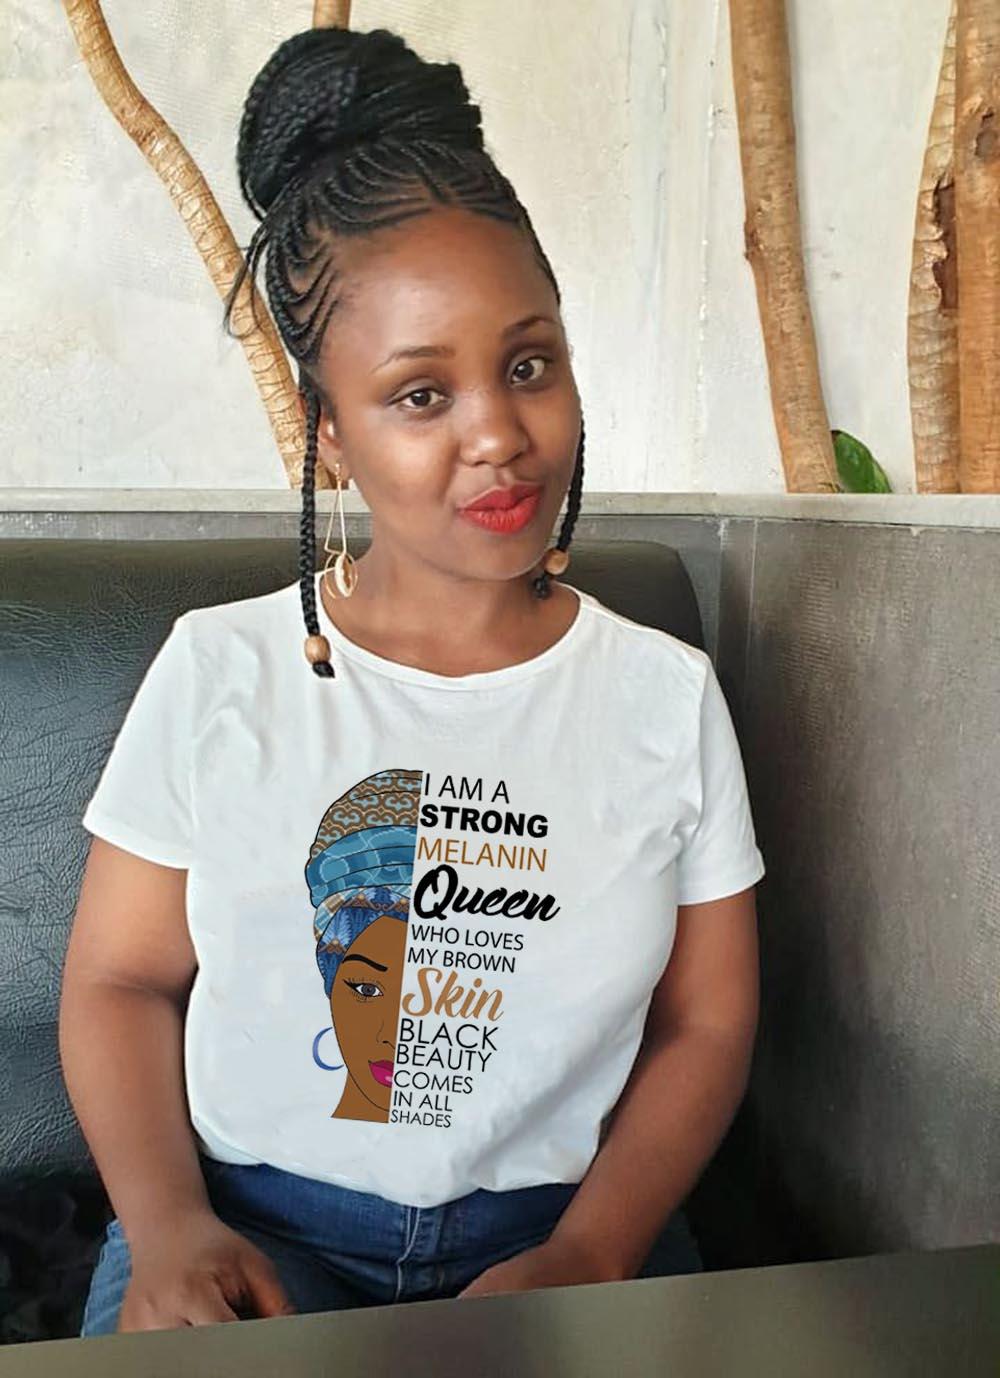 ICH Bin EINE Starke Melanin Königin Drucken T Shirt Frauen Sommer T-shirt Kleidung Afrikanische Schwarz Mädchen Geschichte Weibliche Graphic Tees tops Femme